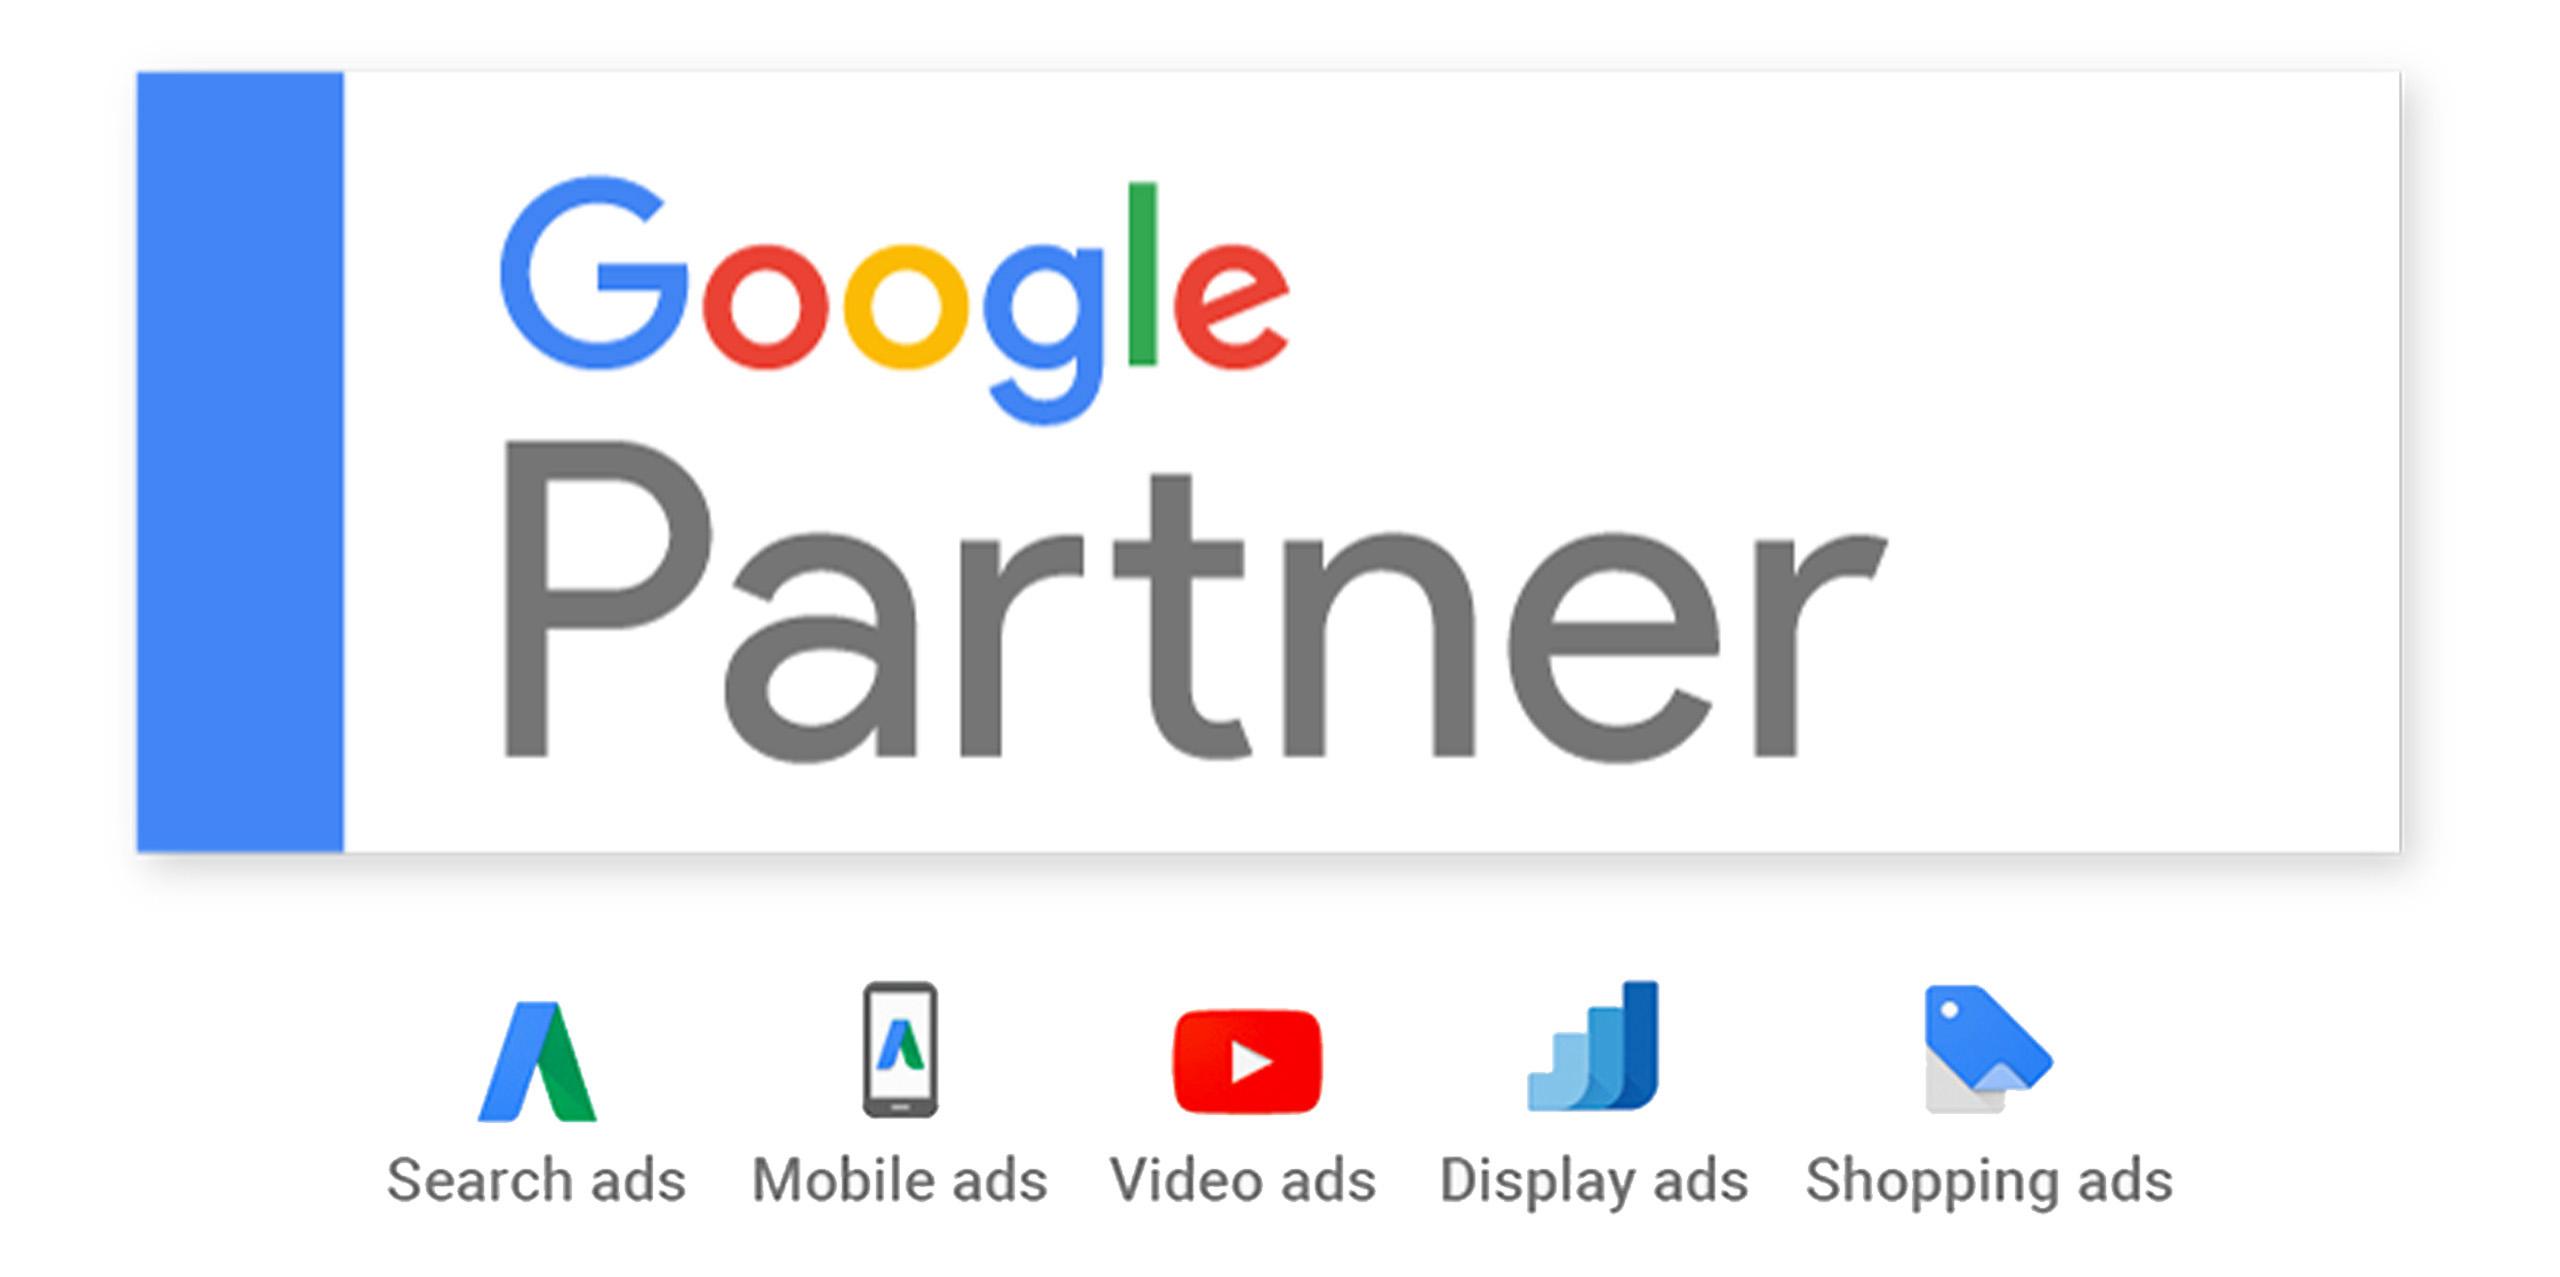 Wir haben das Gütesiegel erhalten: Google Partner